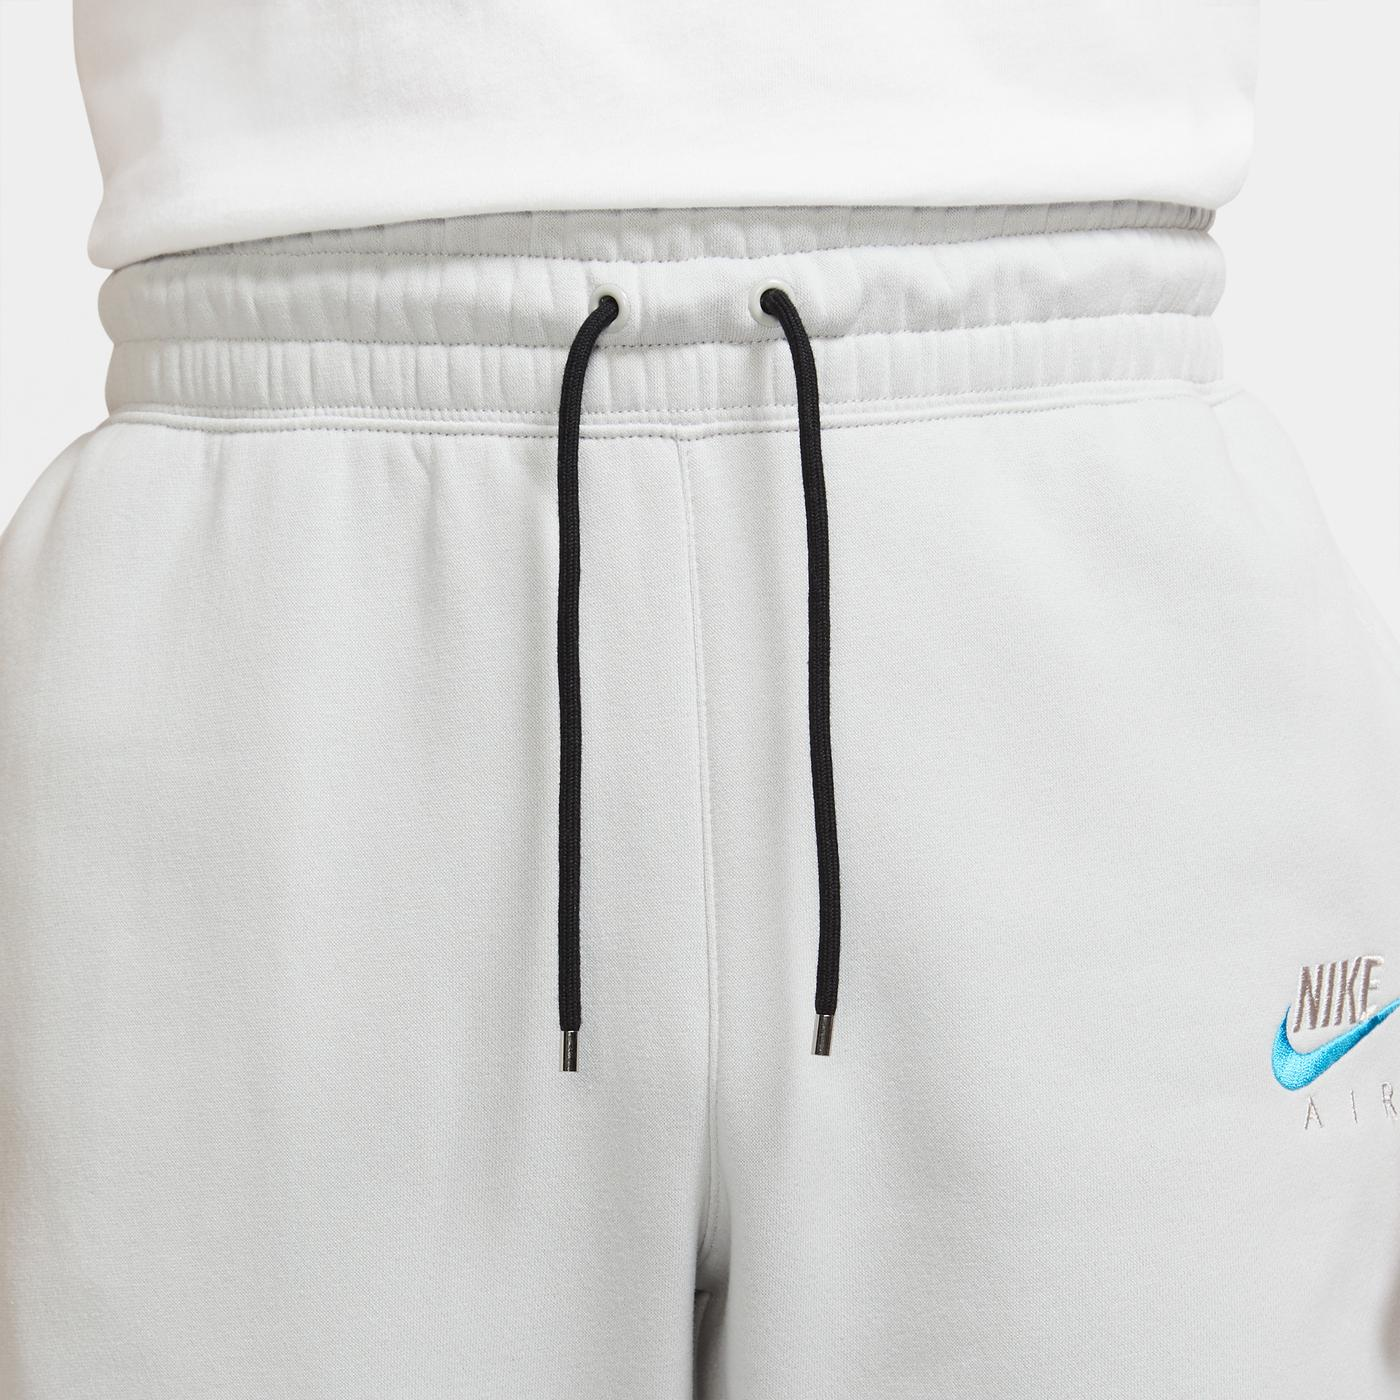 Nike Sportswear Air Fleece Erkek Gri Eşofman Altı